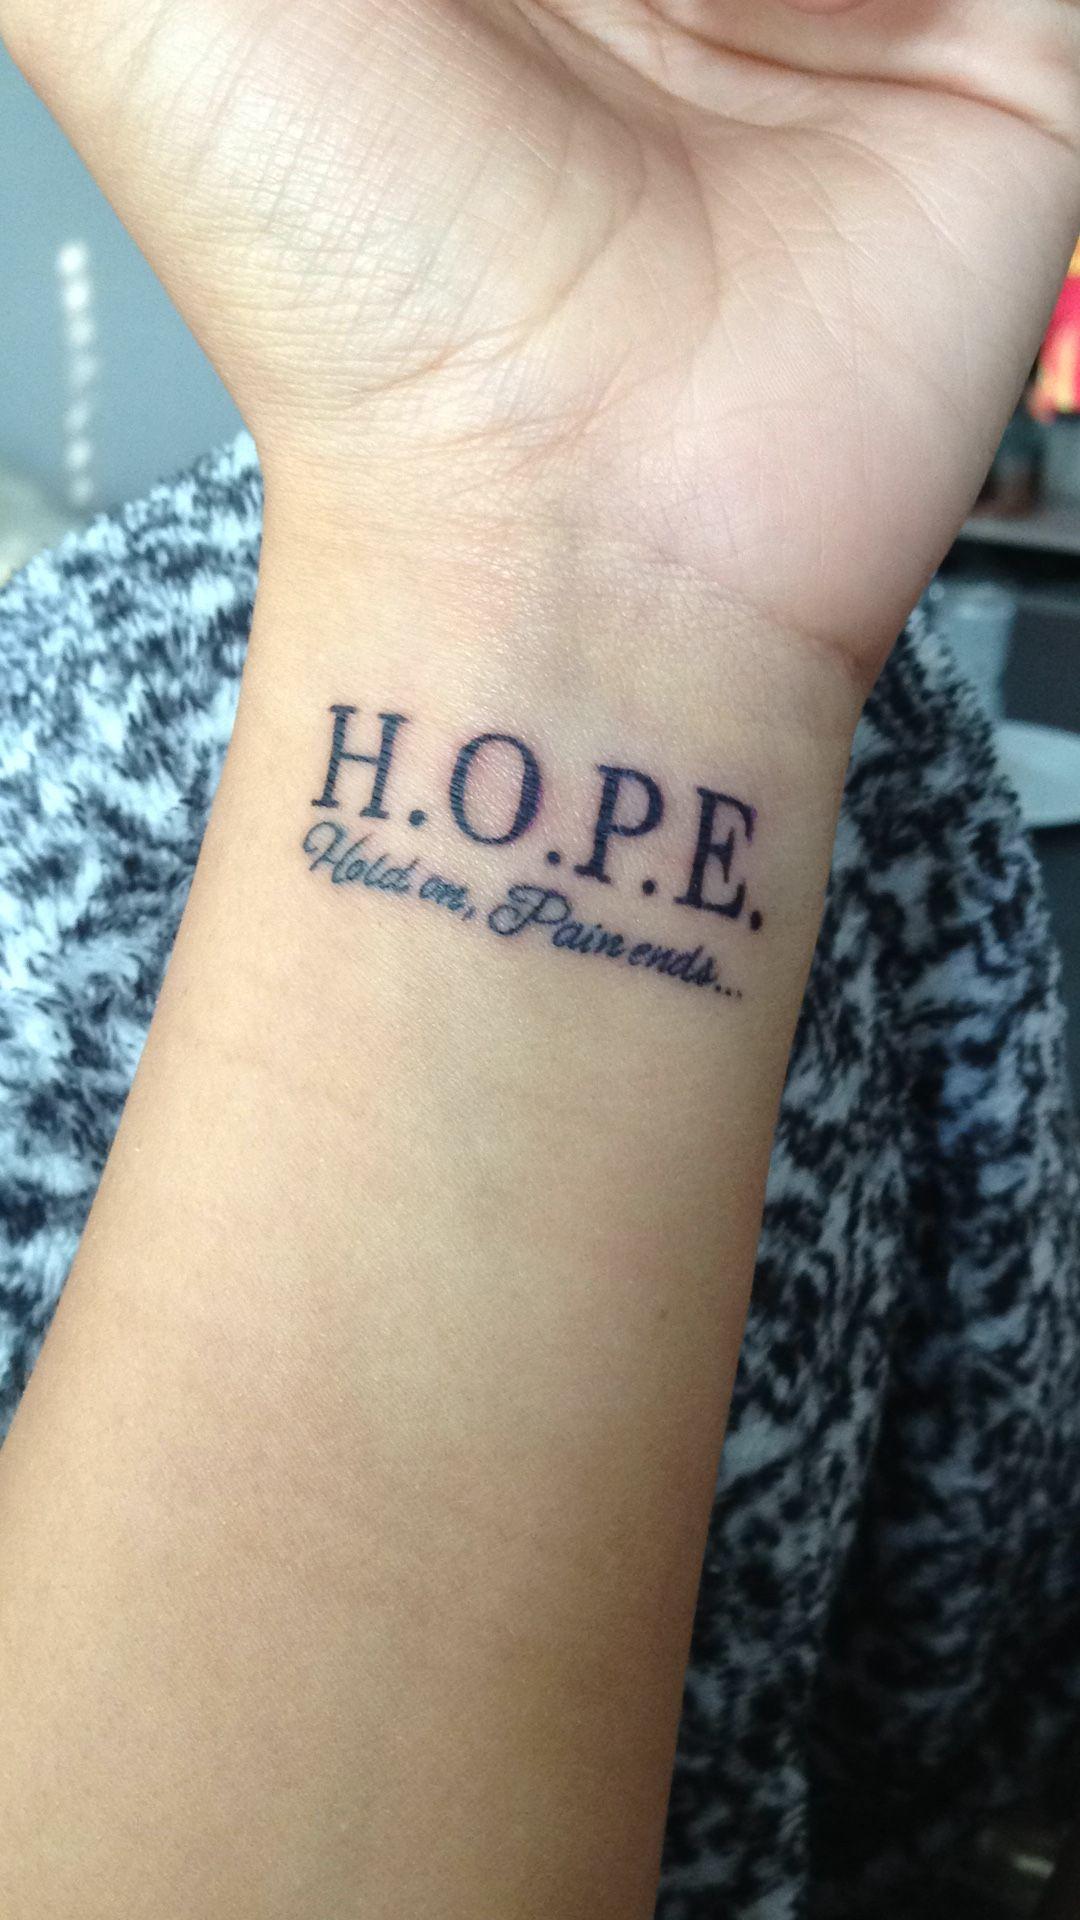 H.O.P.E Hold On pain ends - H.O.P.E Hold On pain ends - #beetatto #dinnerrecipes #ends #foottatto #f